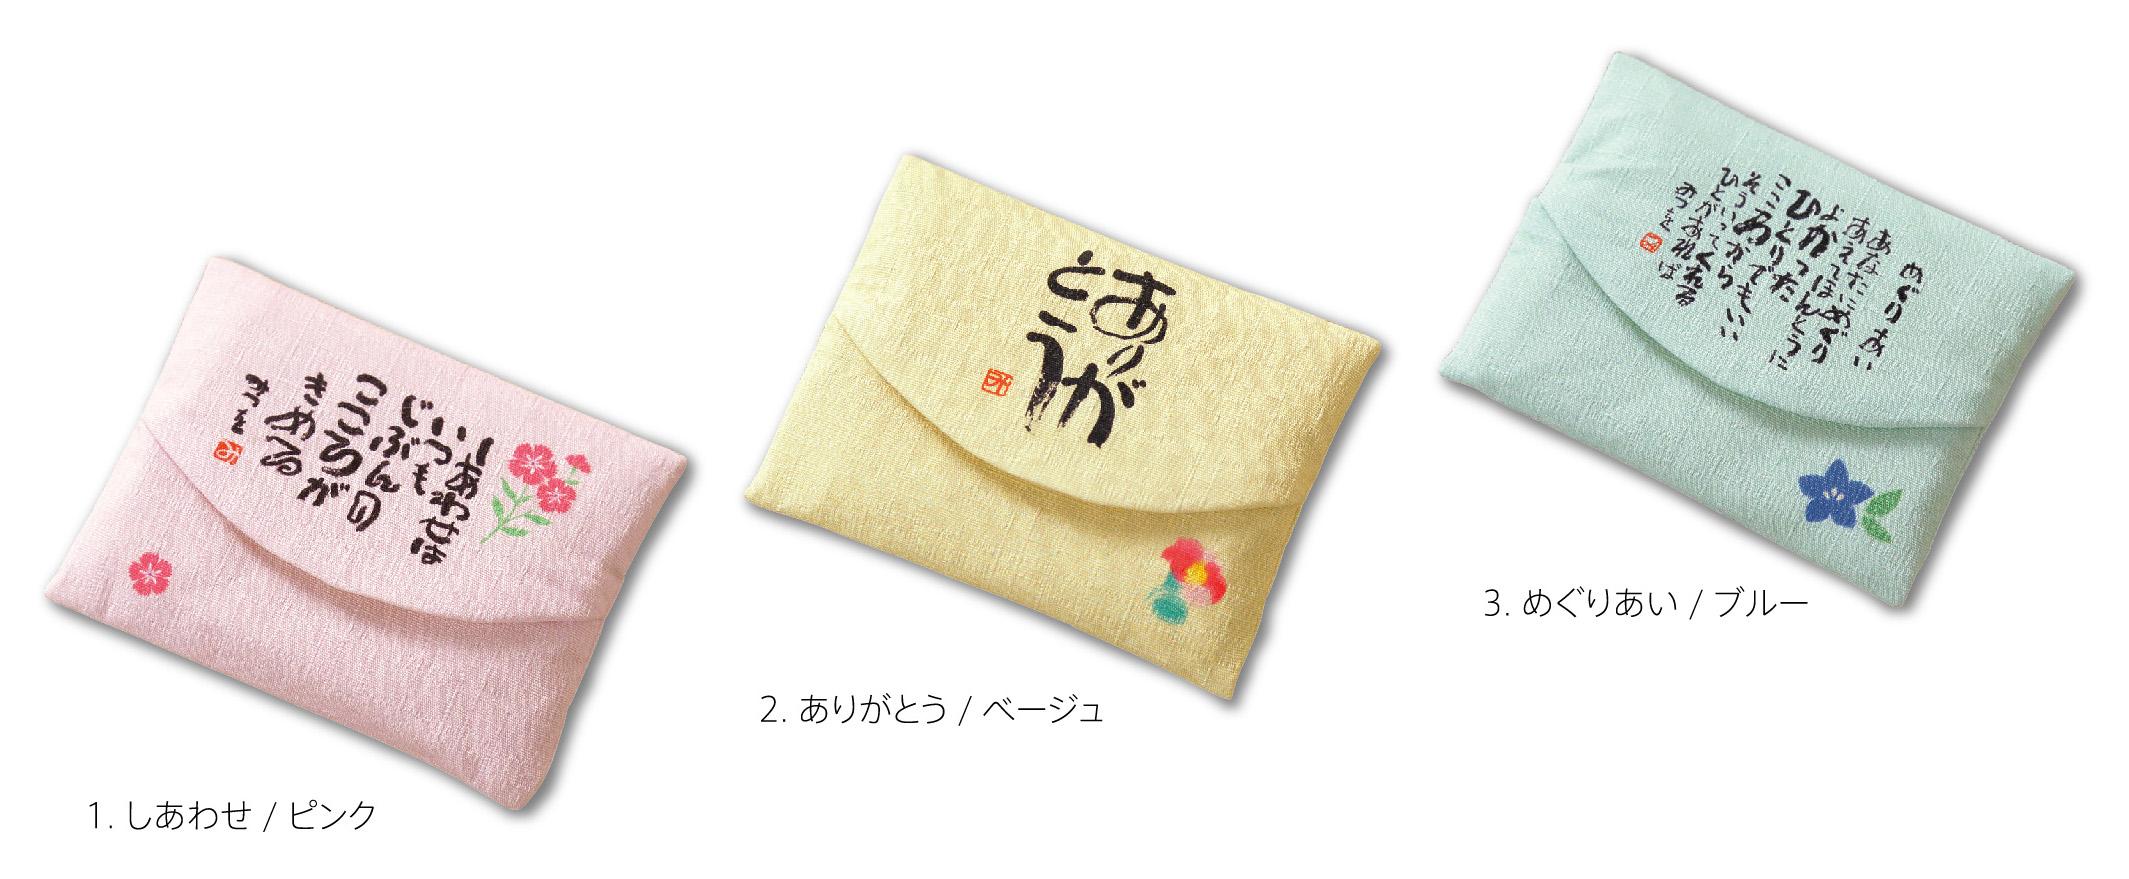 [3221] 相田みつを かぶせティッシュケース